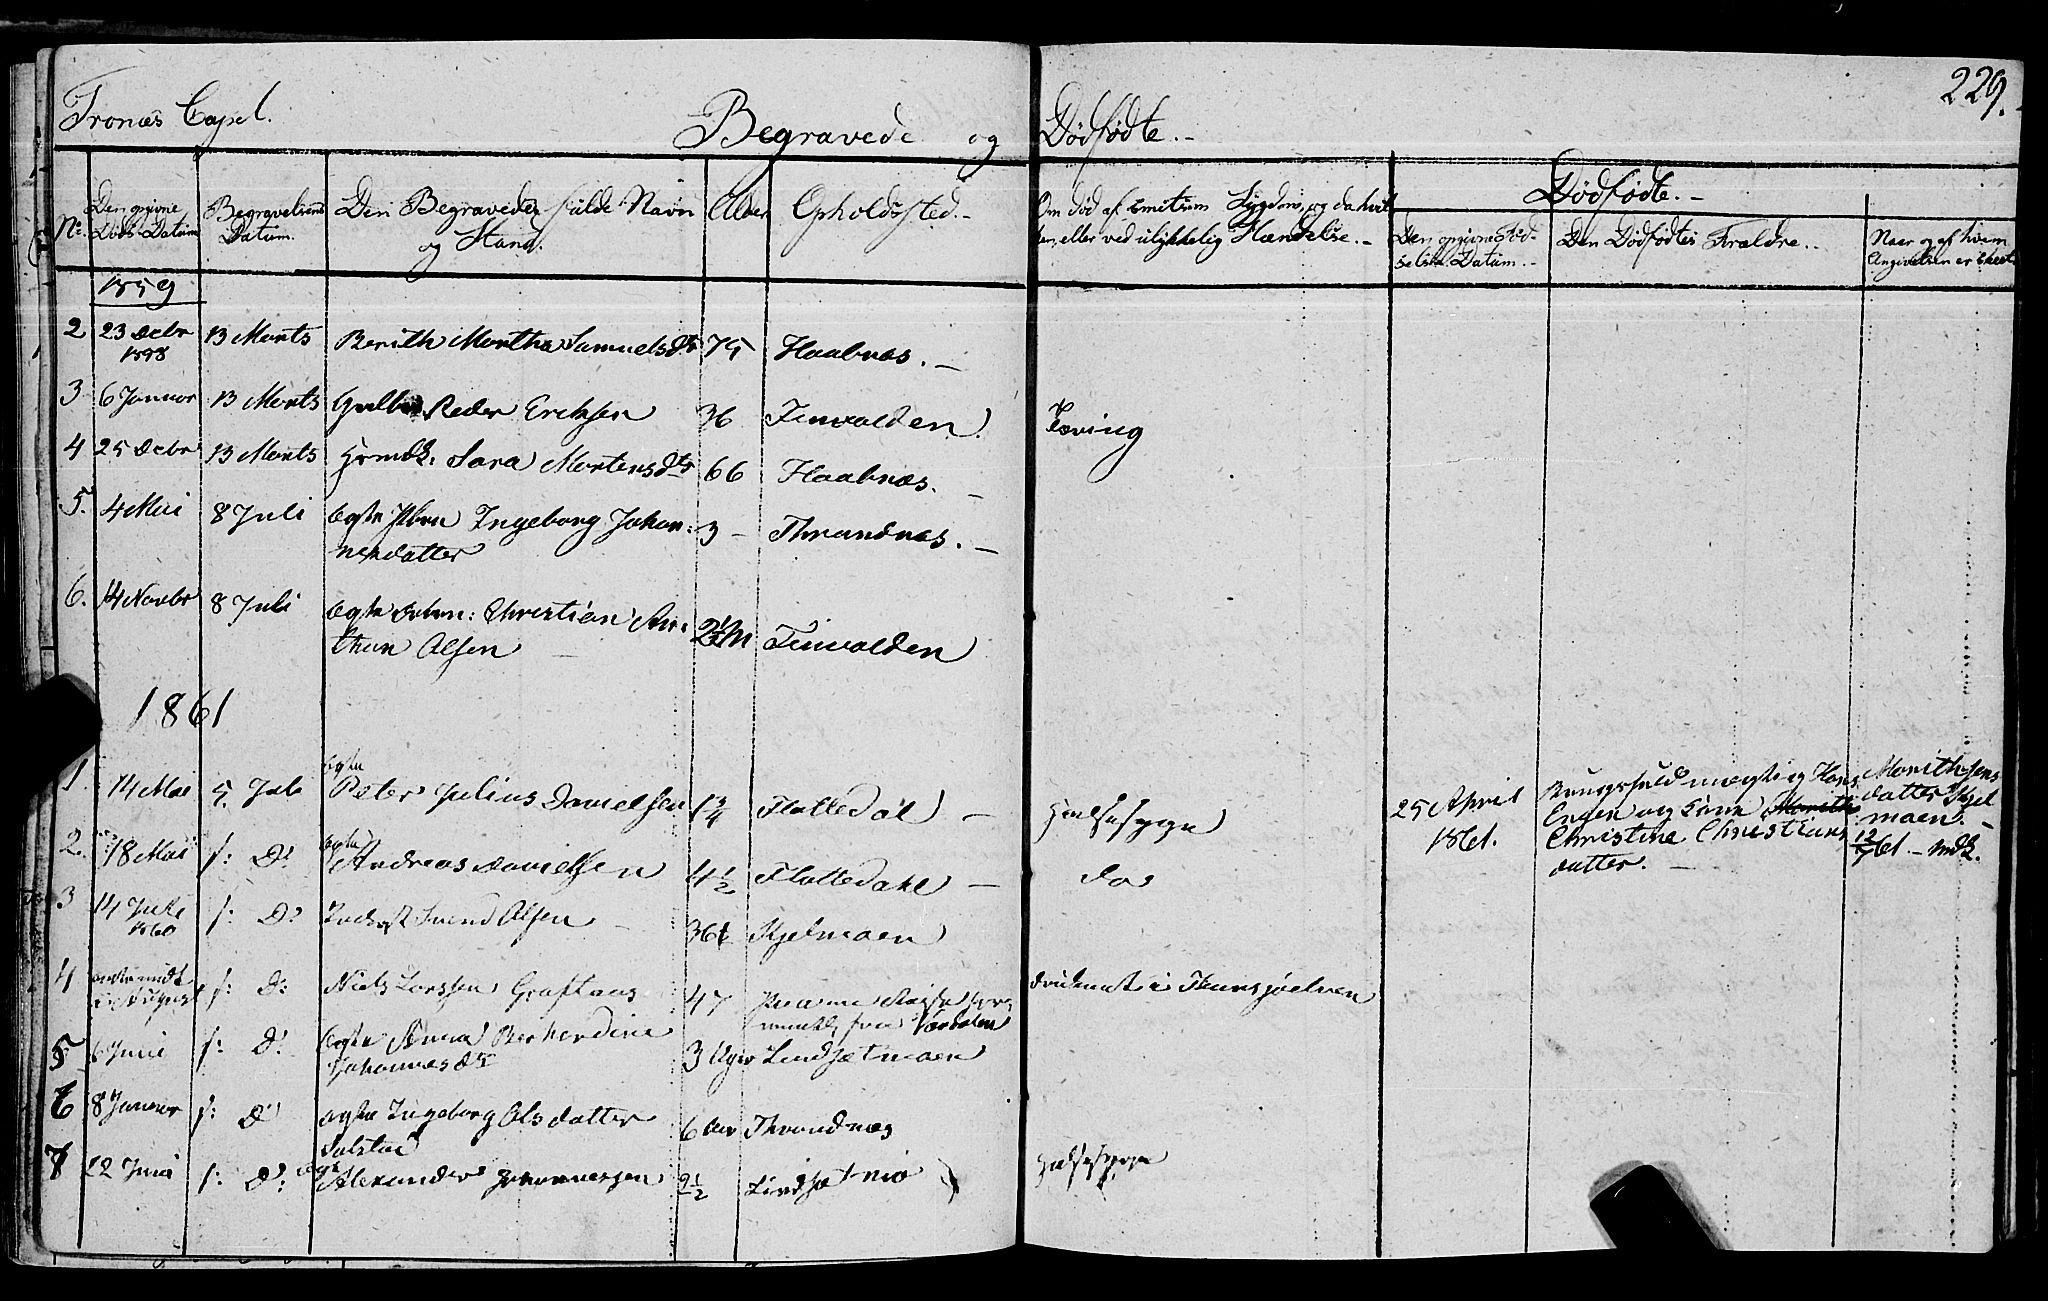 SAT, Ministerialprotokoller, klokkerbøker og fødselsregistre - Nord-Trøndelag, 762/L0538: Ministerialbok nr. 762A02 /2, 1833-1879, s. 229